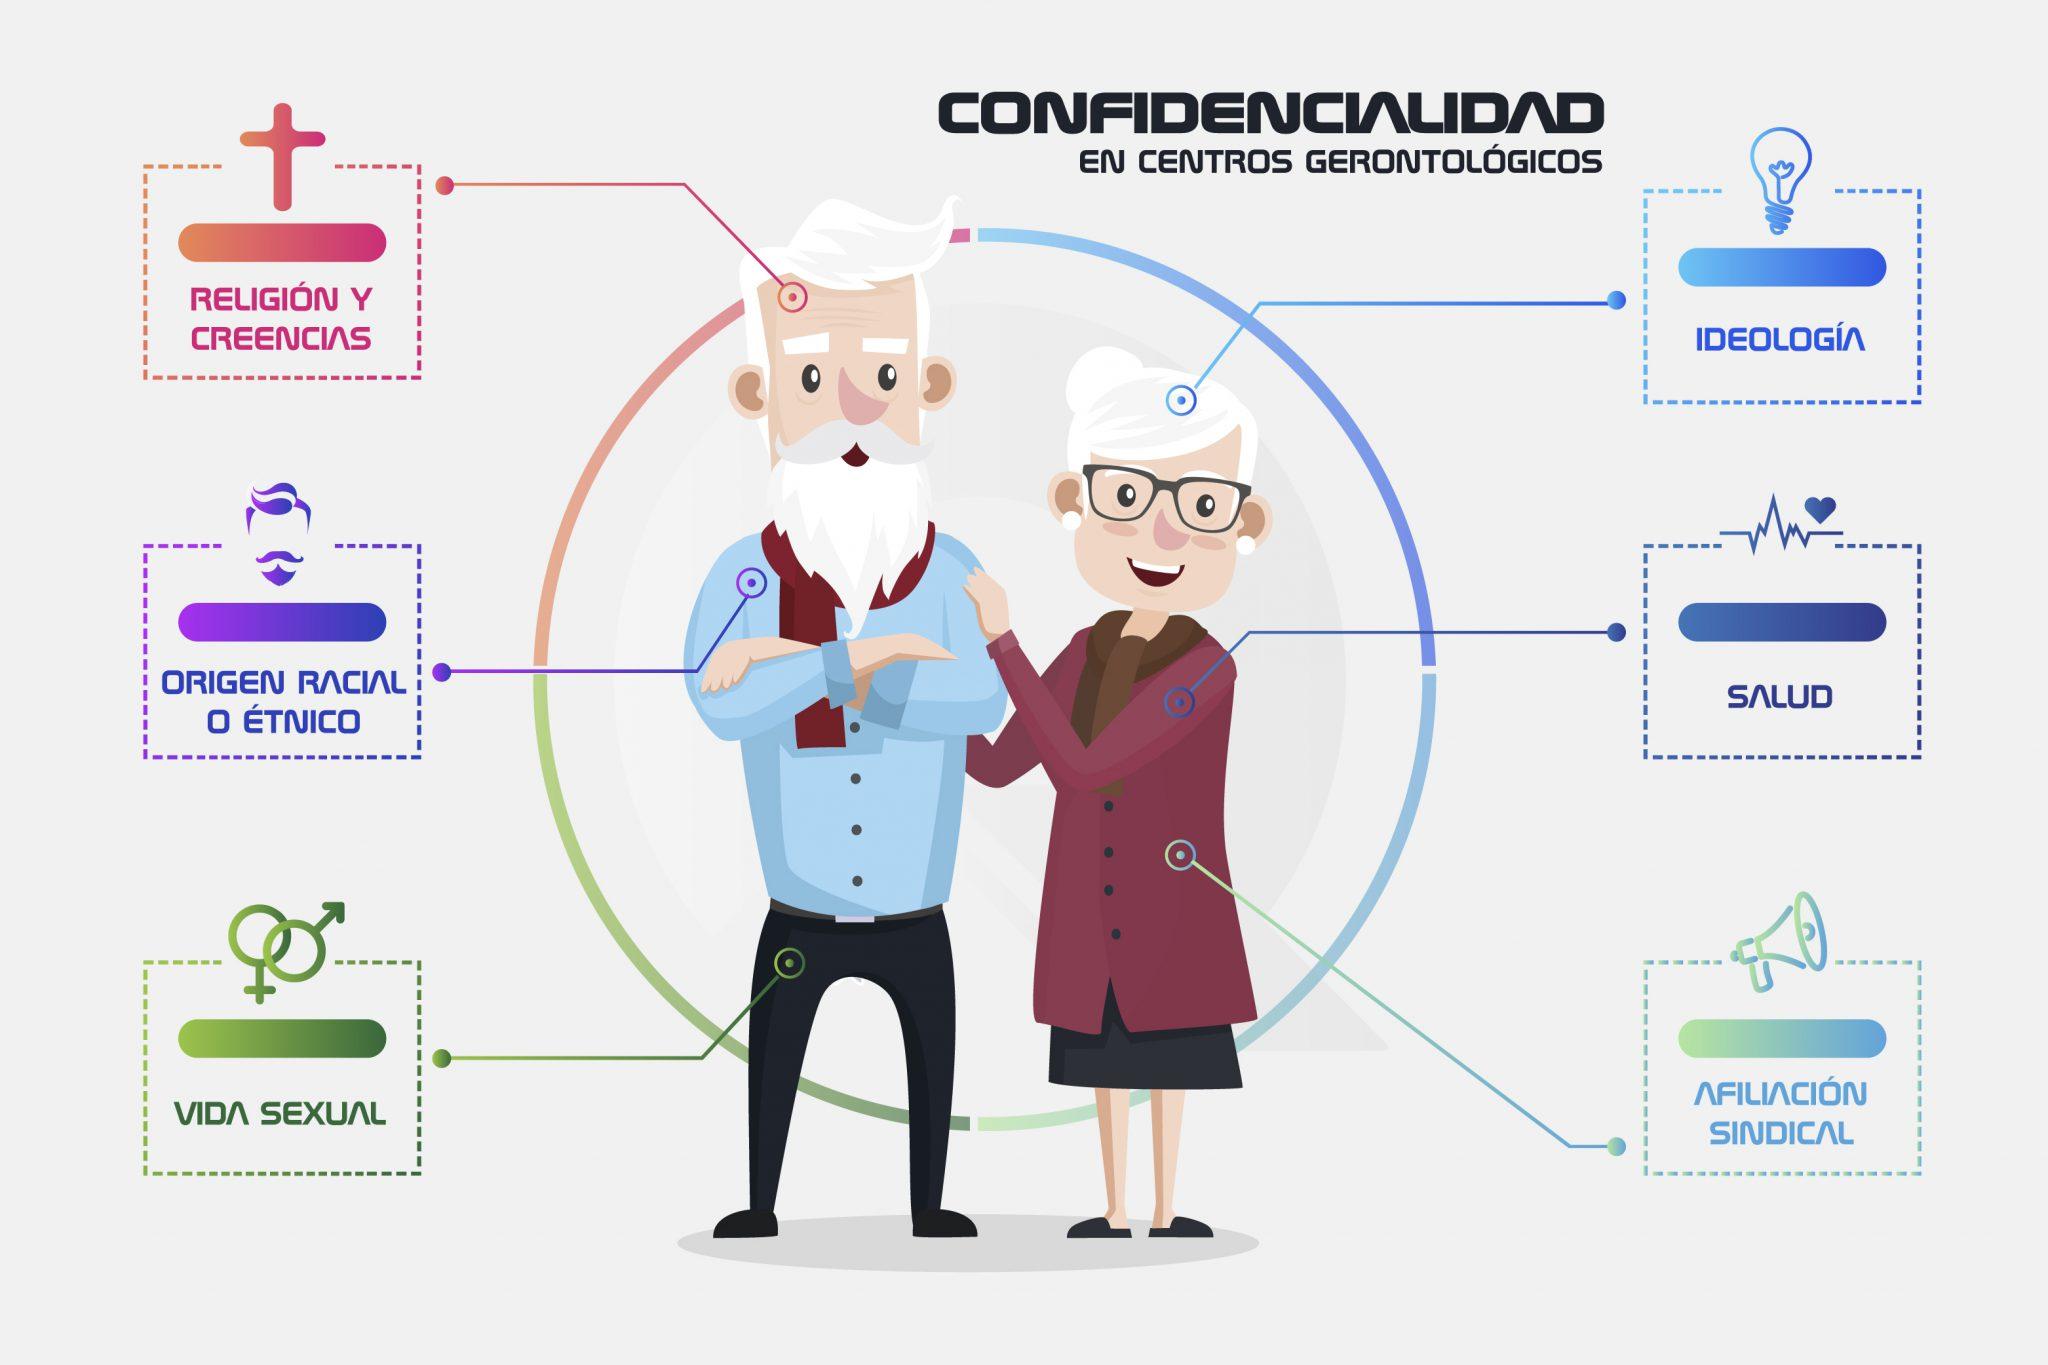 El deber de la confidencialidad en los centros gerontológicos